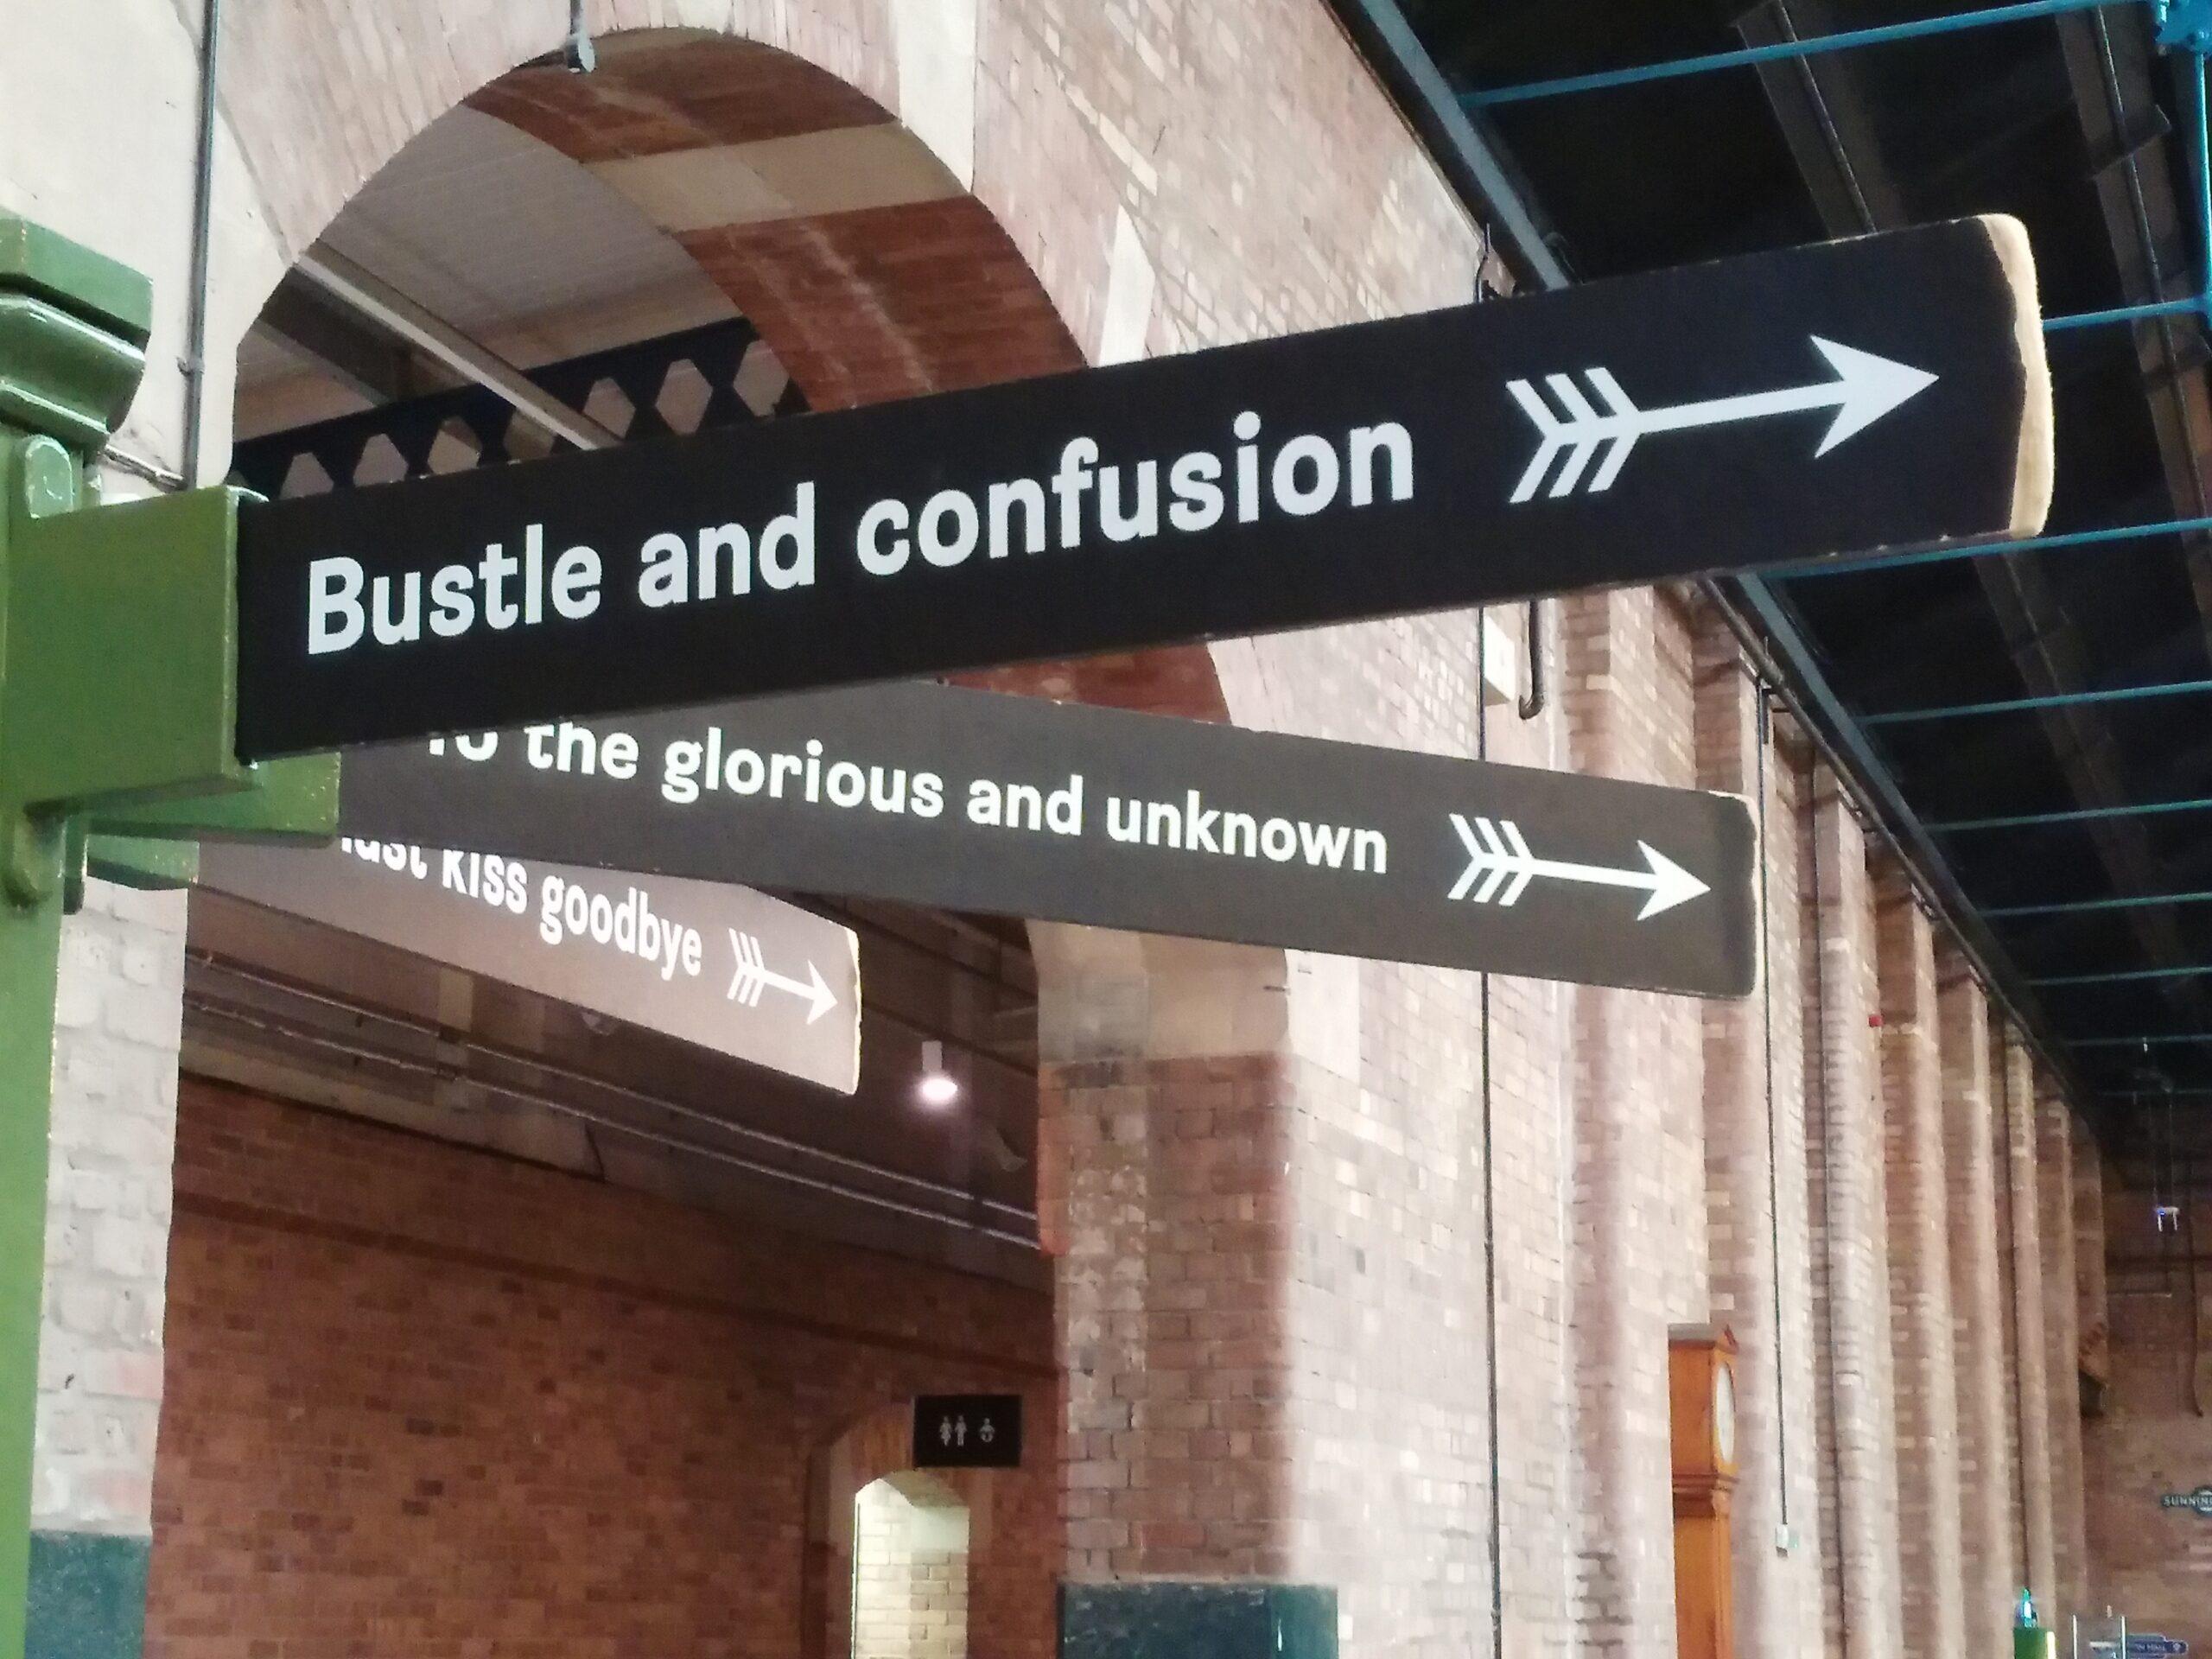 """Vor dem Hintergrund einer Ziegelsteinmauer zeigt das Foto zwei schwarze Hinweisschilder mit weißen Pfeilen, einmal in Richtung """"Bustle and confusion"""", einmal in Richtung """"To the glorious and unknown""""."""